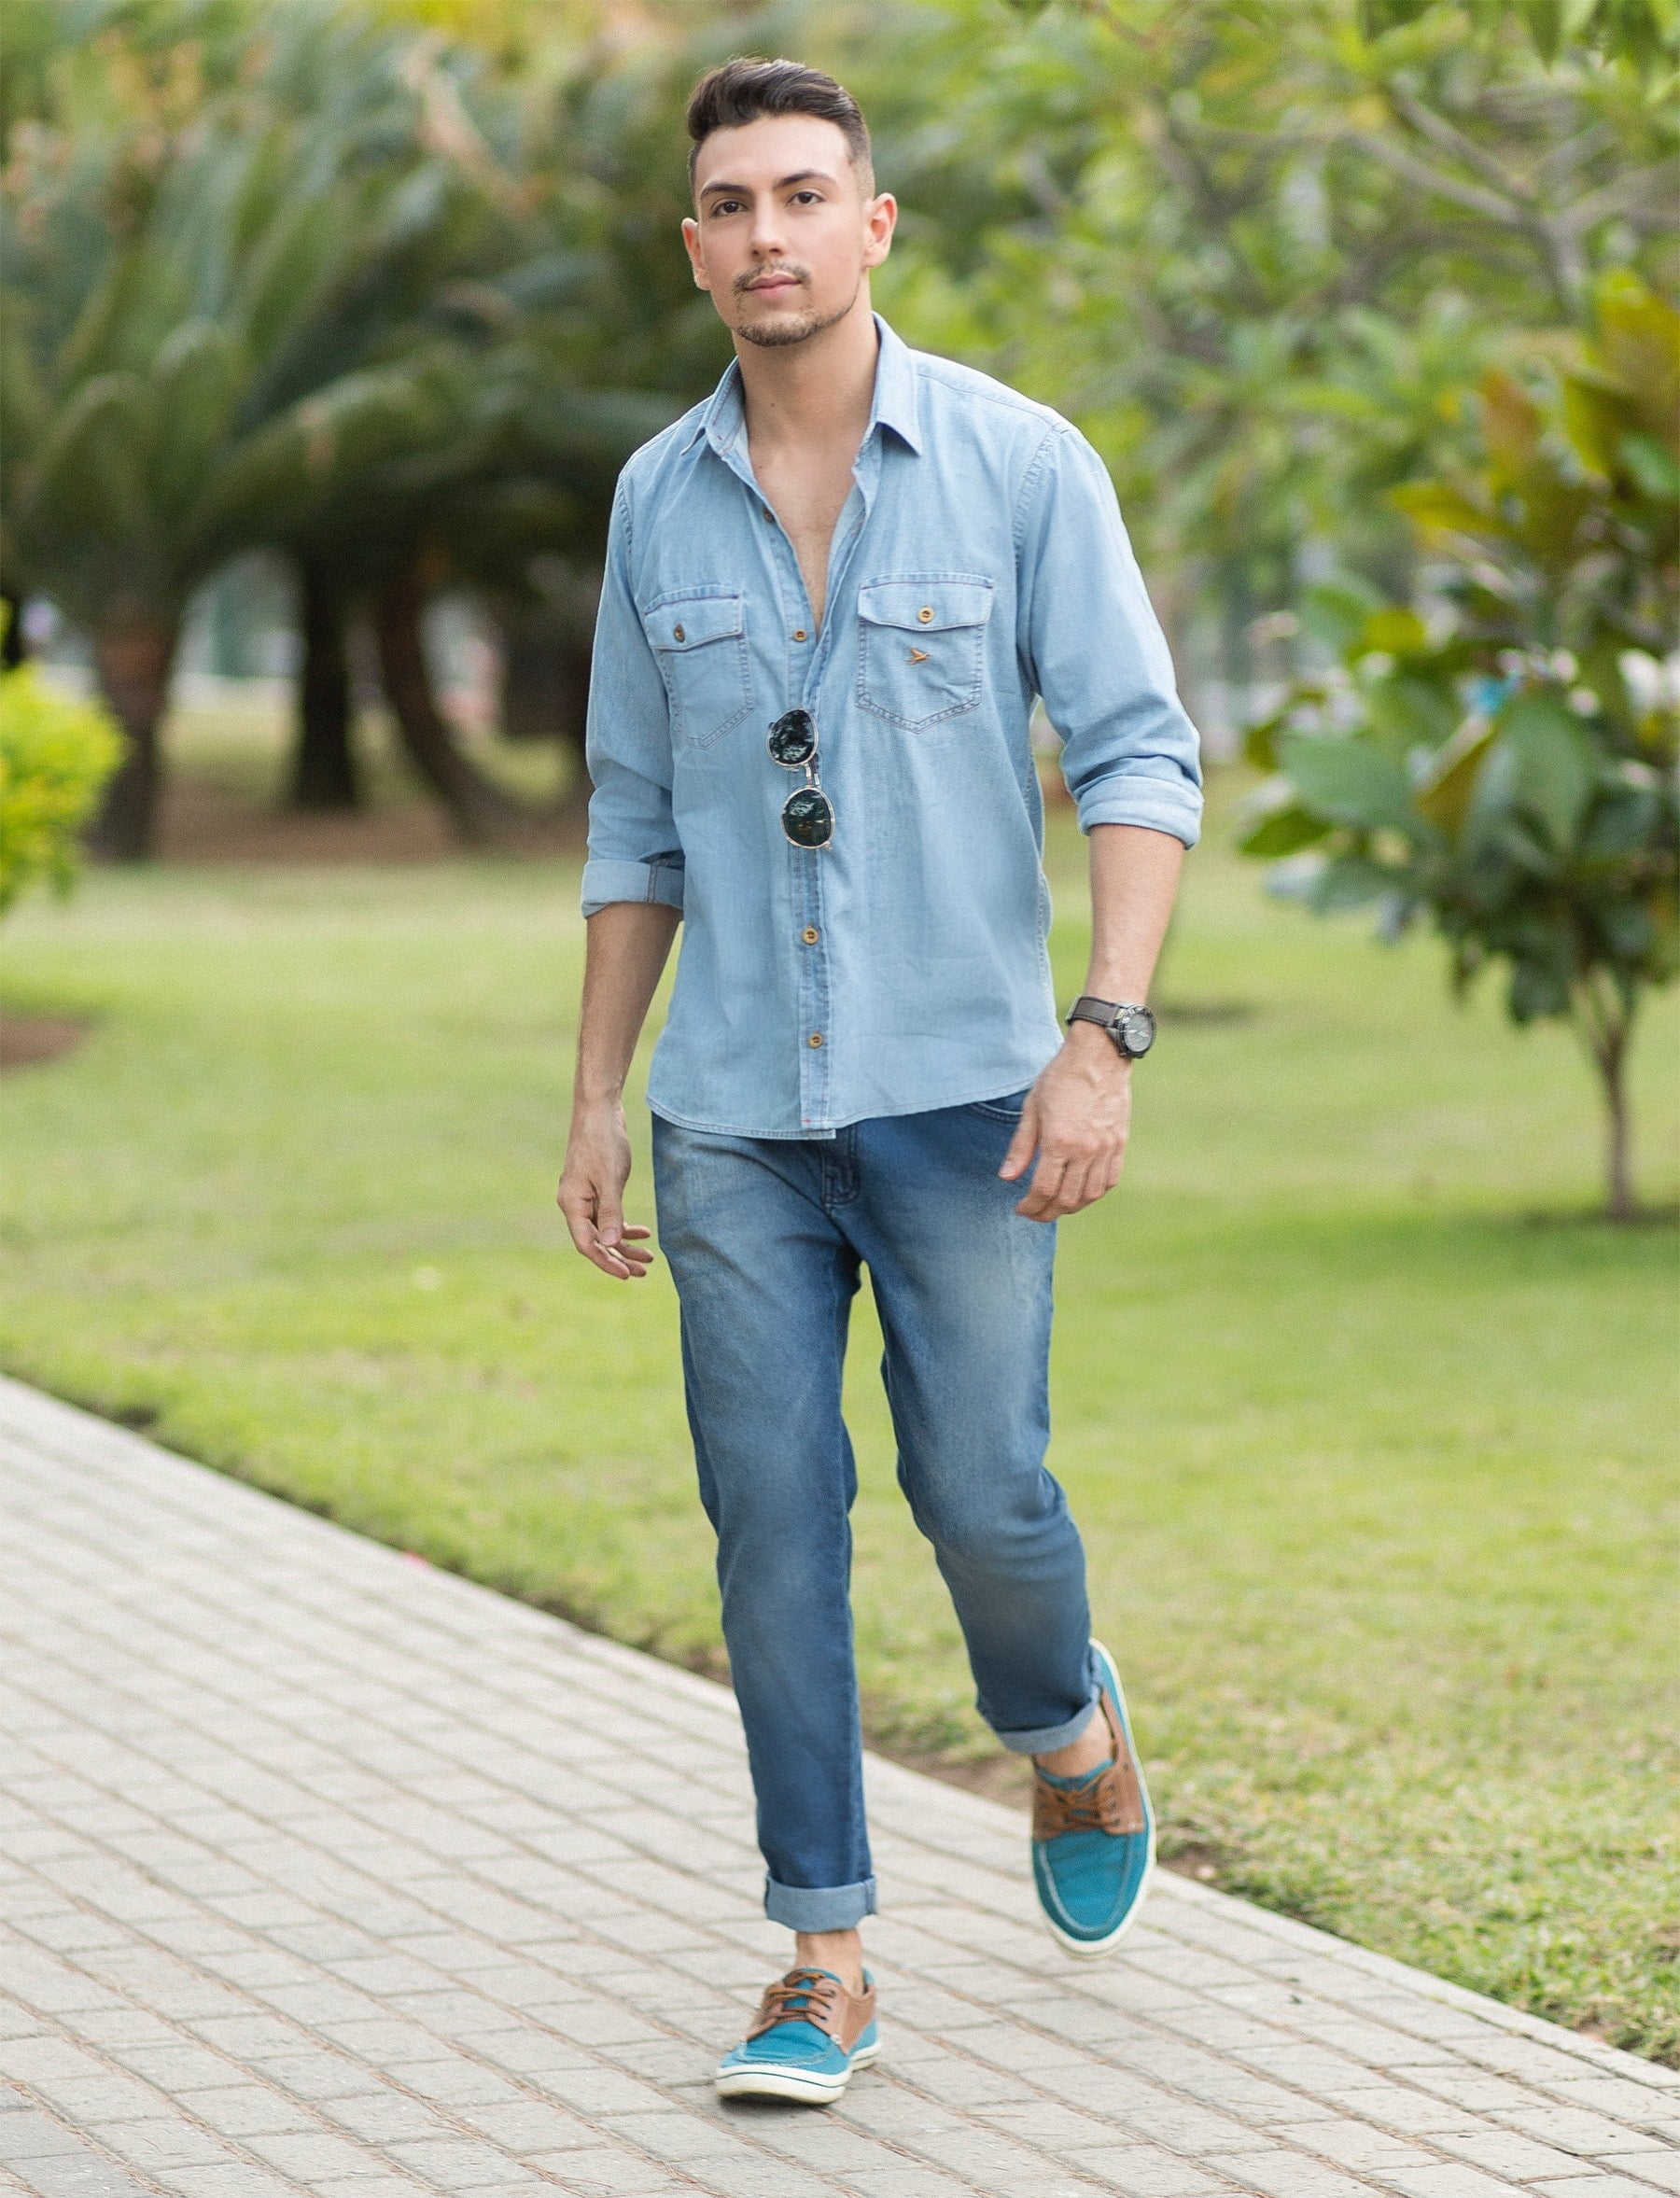 juan-alves-como-usar-camisa-jeans-homens-que-se-cuidam